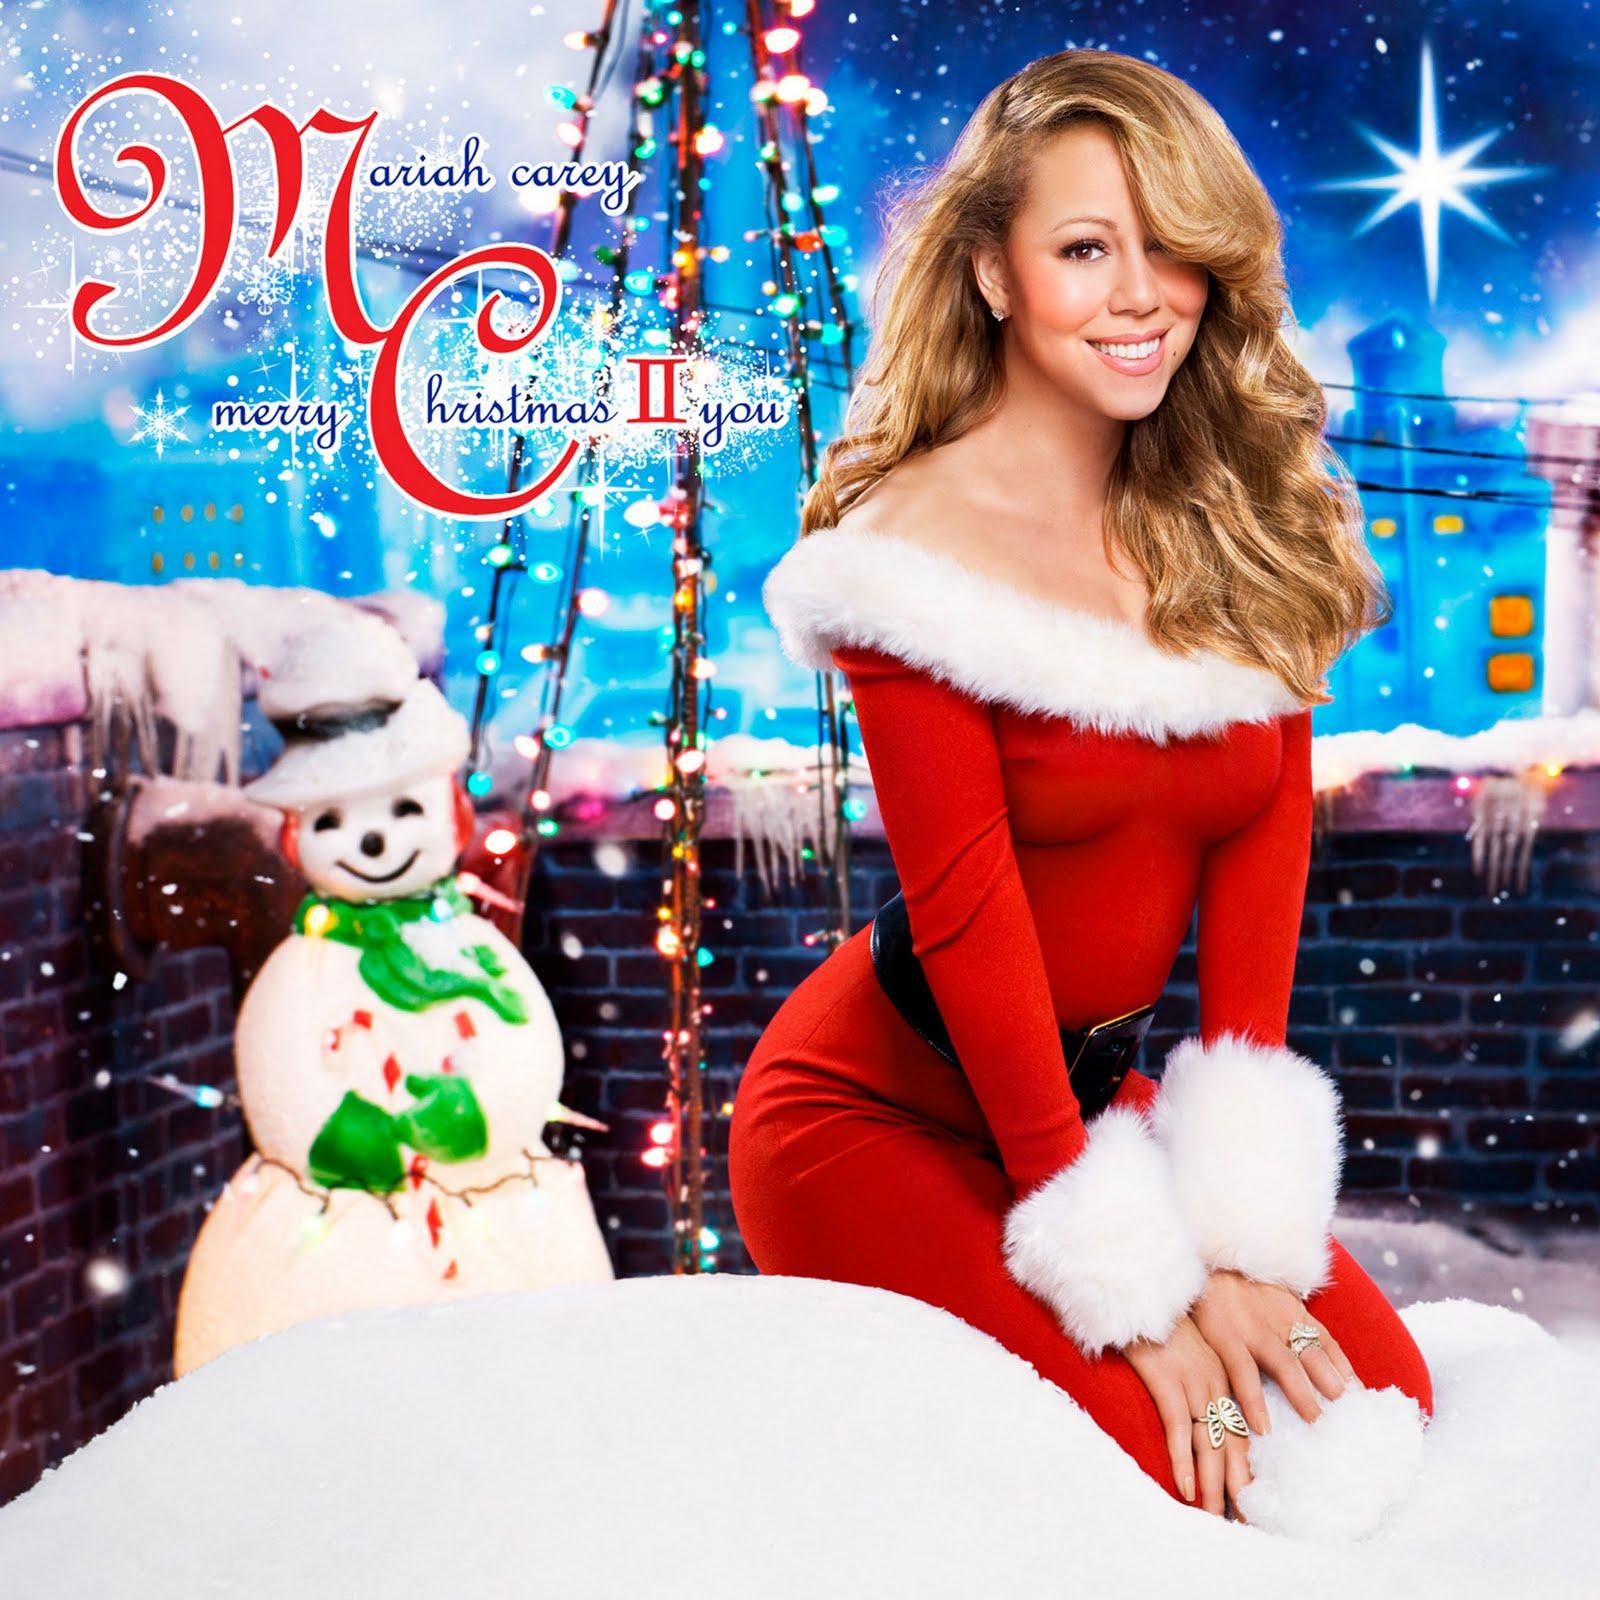 http://3.bp.blogspot.com/_Ma1oUi4TS4s/TLOgtZ0EuPI/AAAAAAAASiA/ybBHotJBBPI/s1600/merry_christmas_II_you.jpg